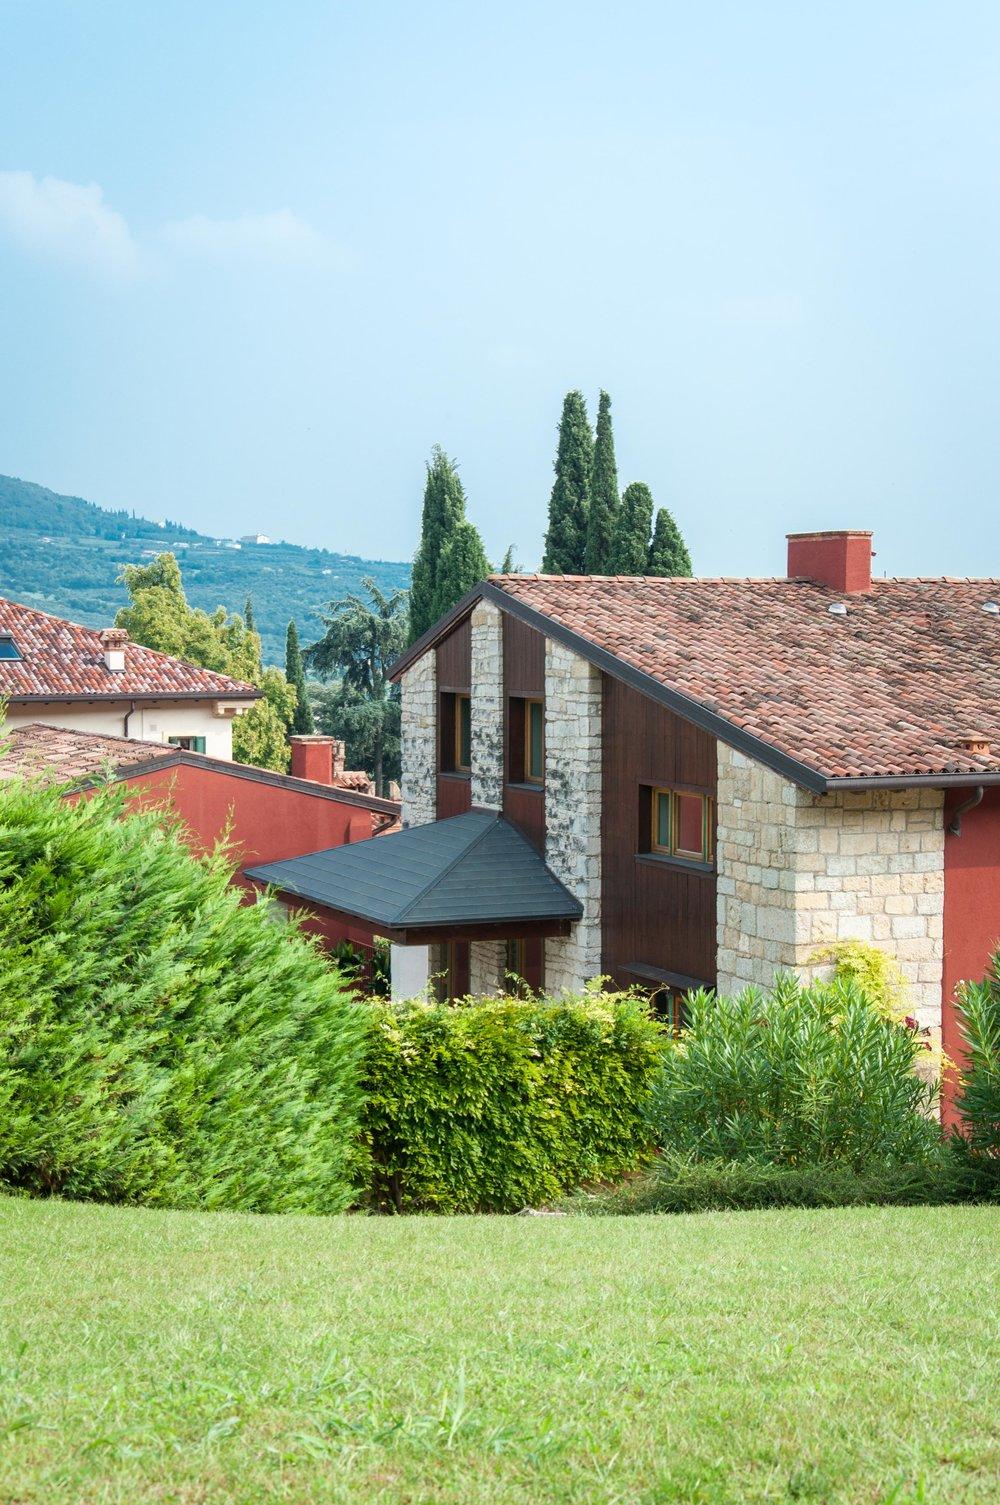 Colle-degli-Ulivi-7.jpg